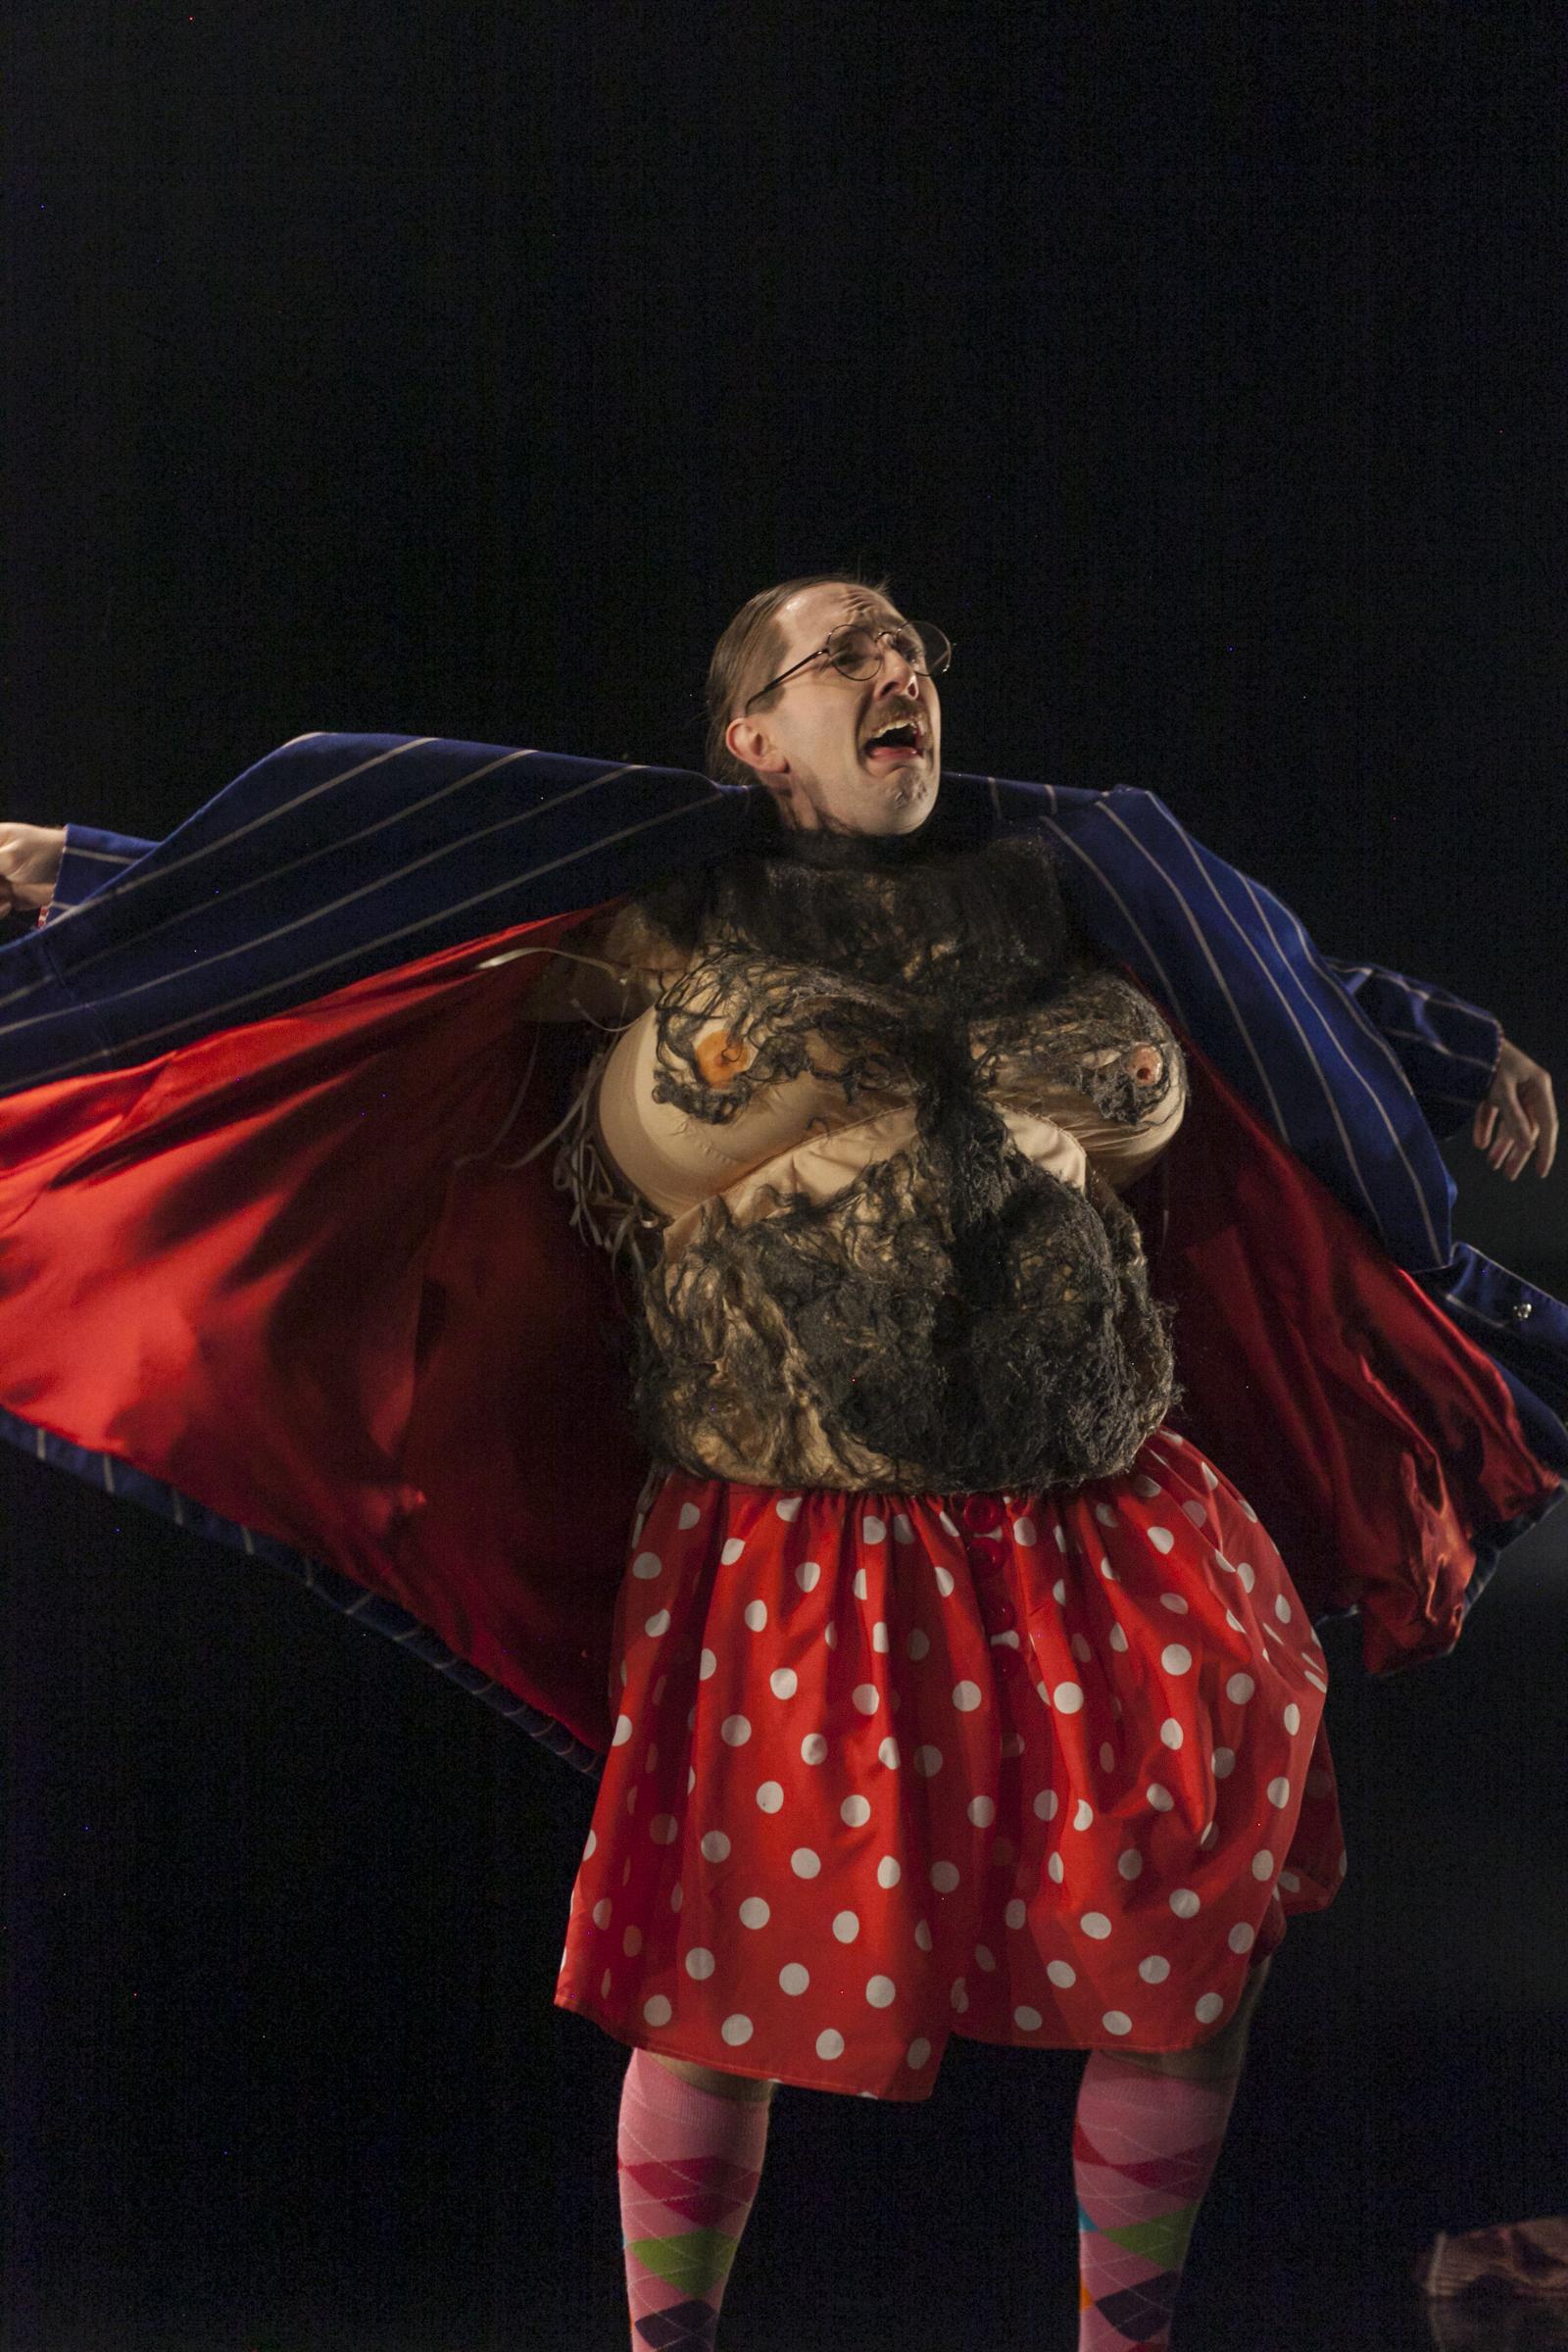 LCFMA19-CostumeShow-OliverTo-47.jpg